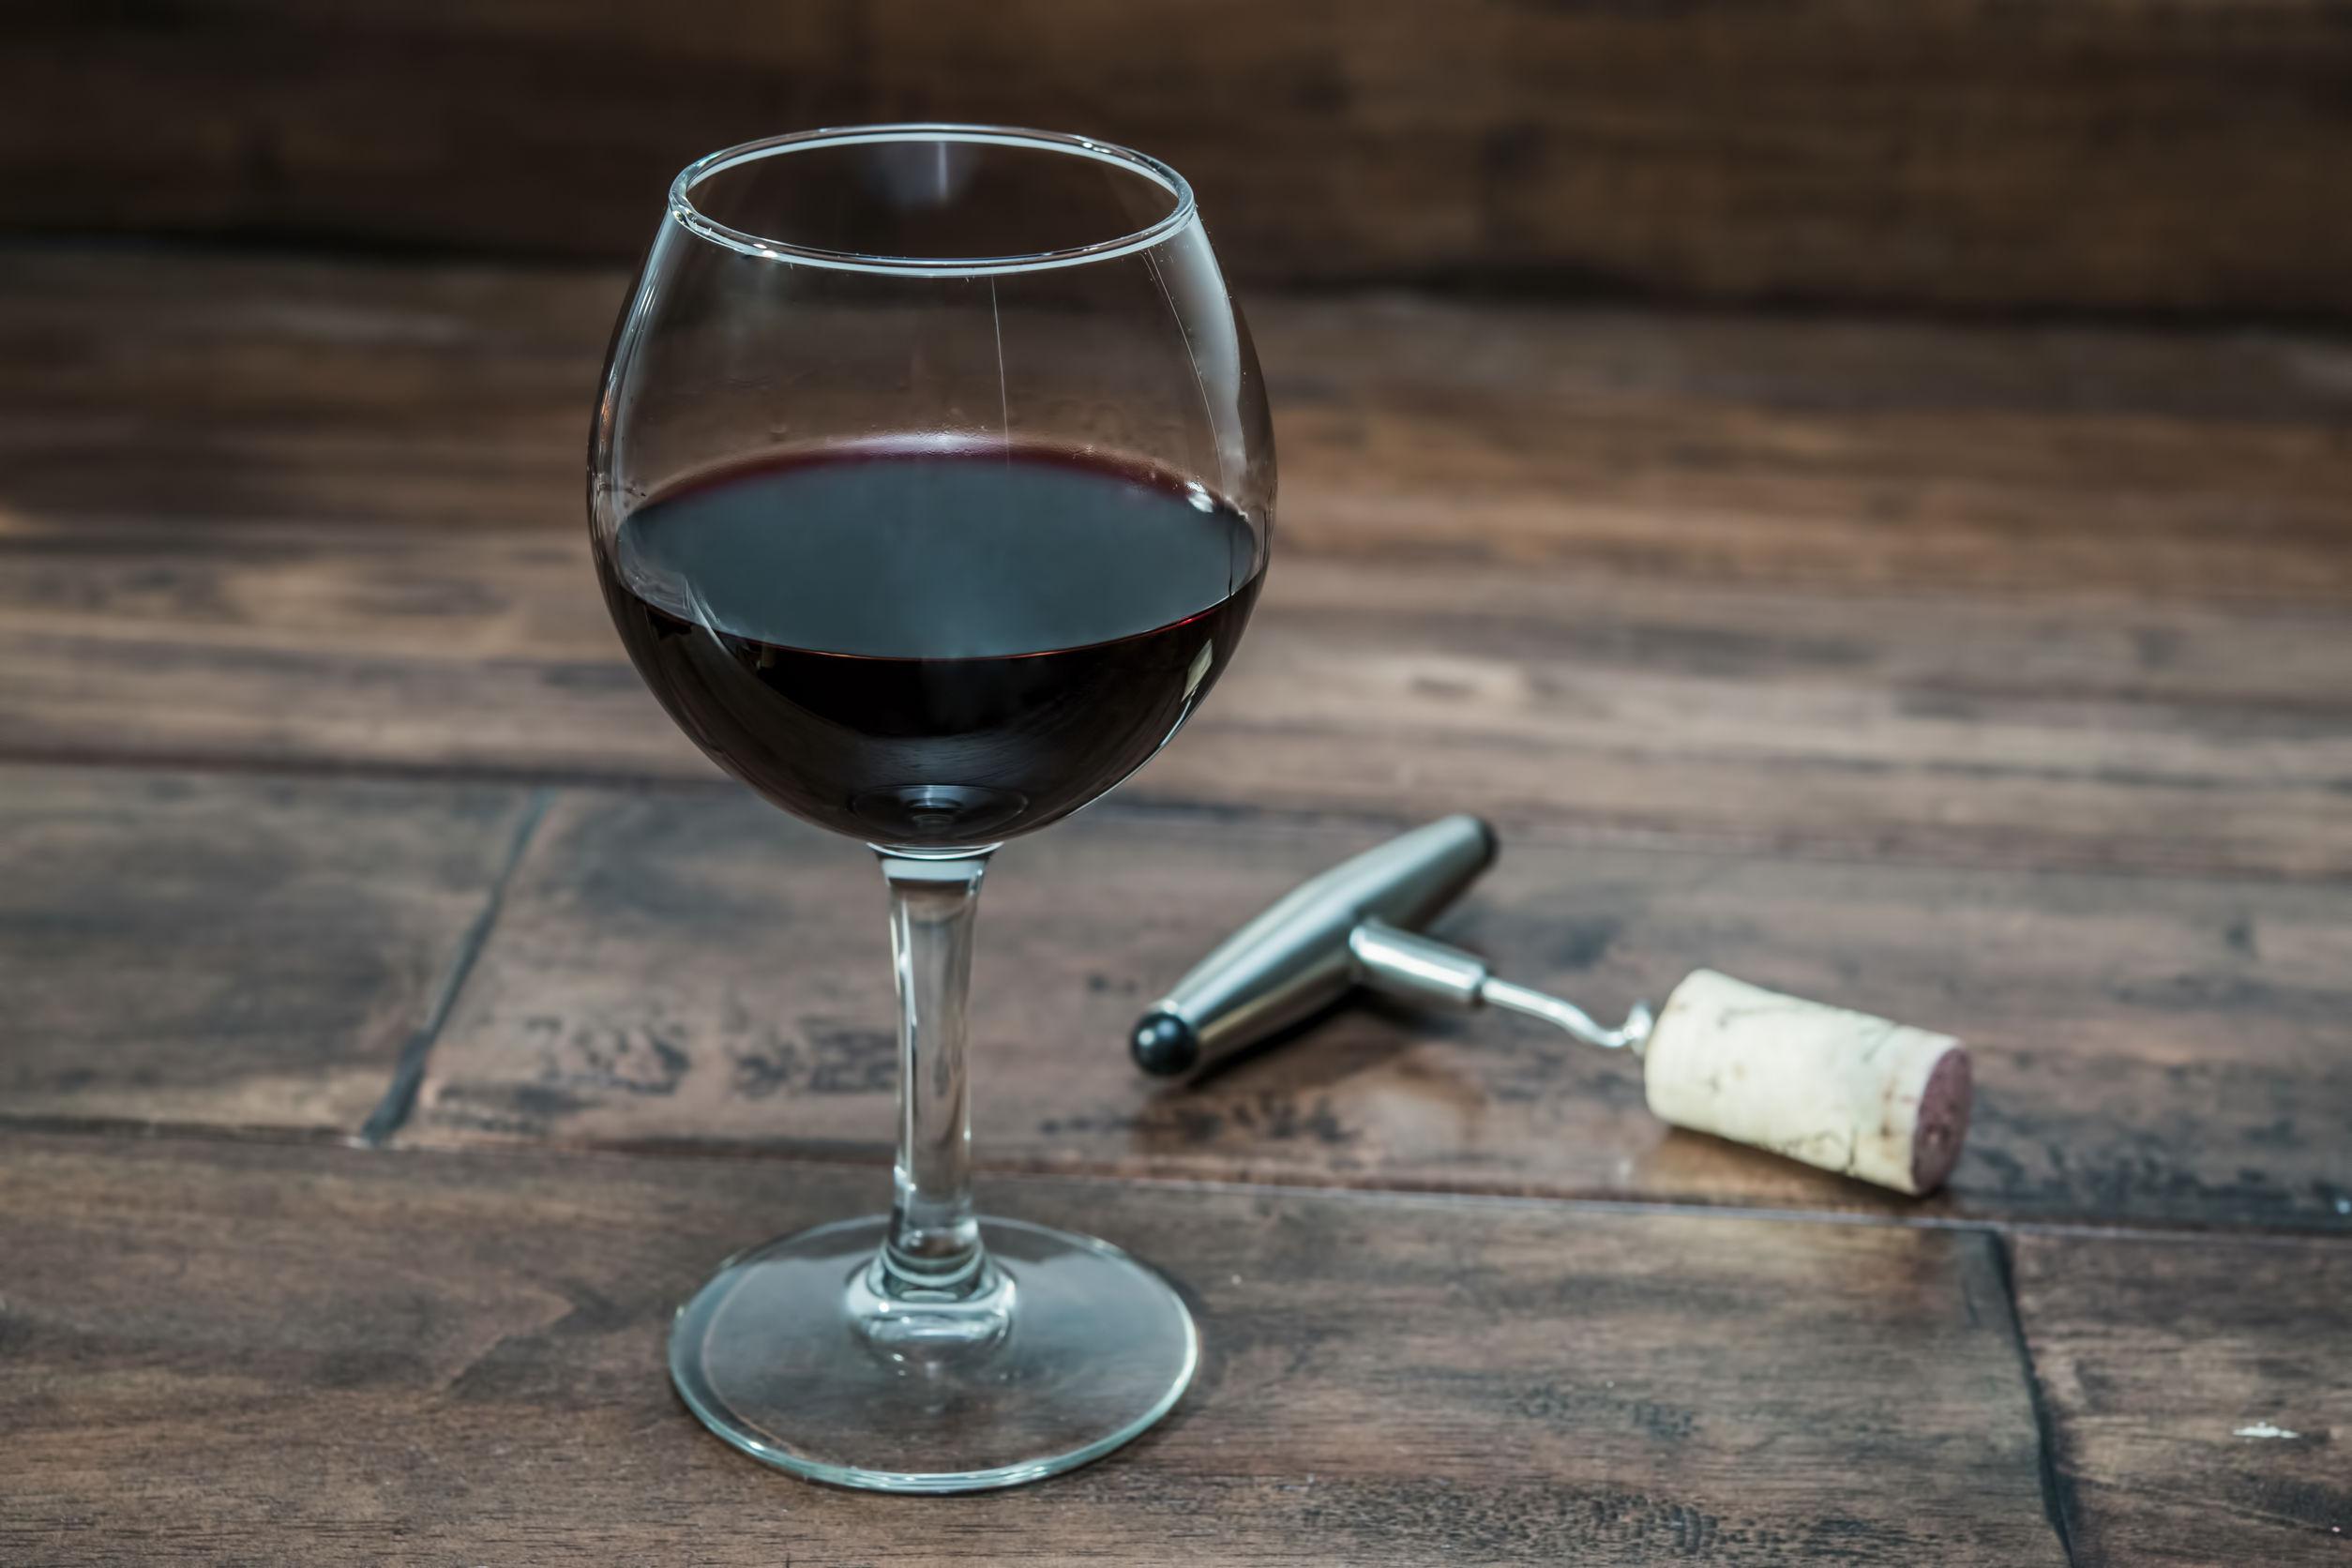 Când şi de ce se pune sare în paharul de vin